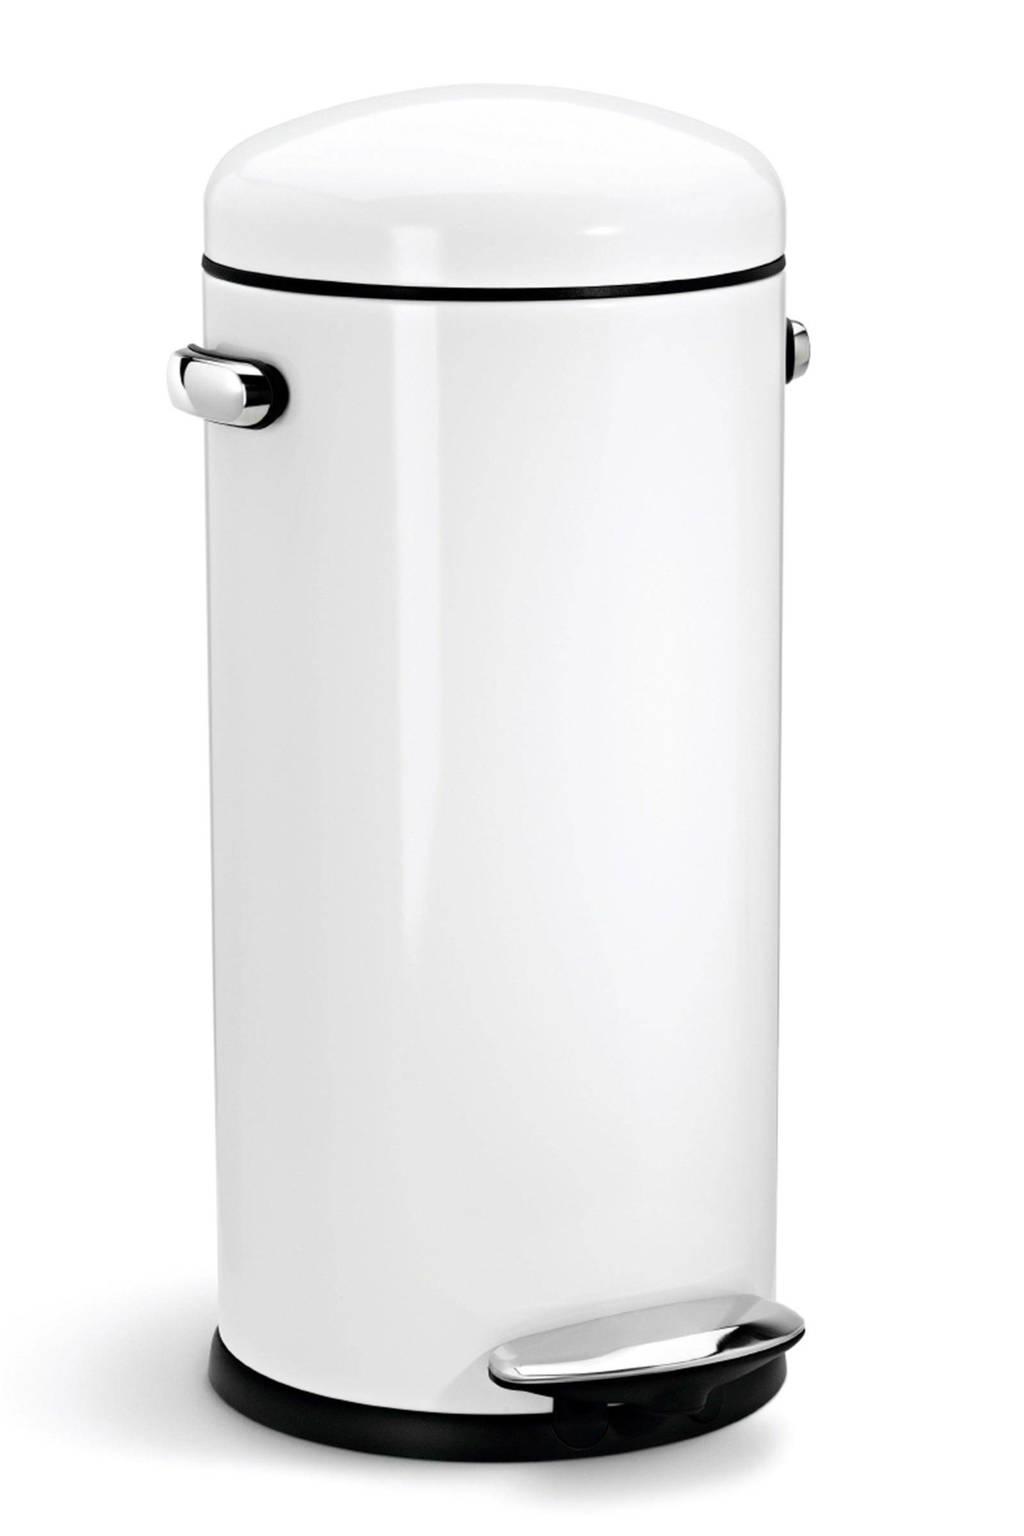 Pedaalemmer 30 Liter.Sh011028 Pedaalemmer 30 Liter